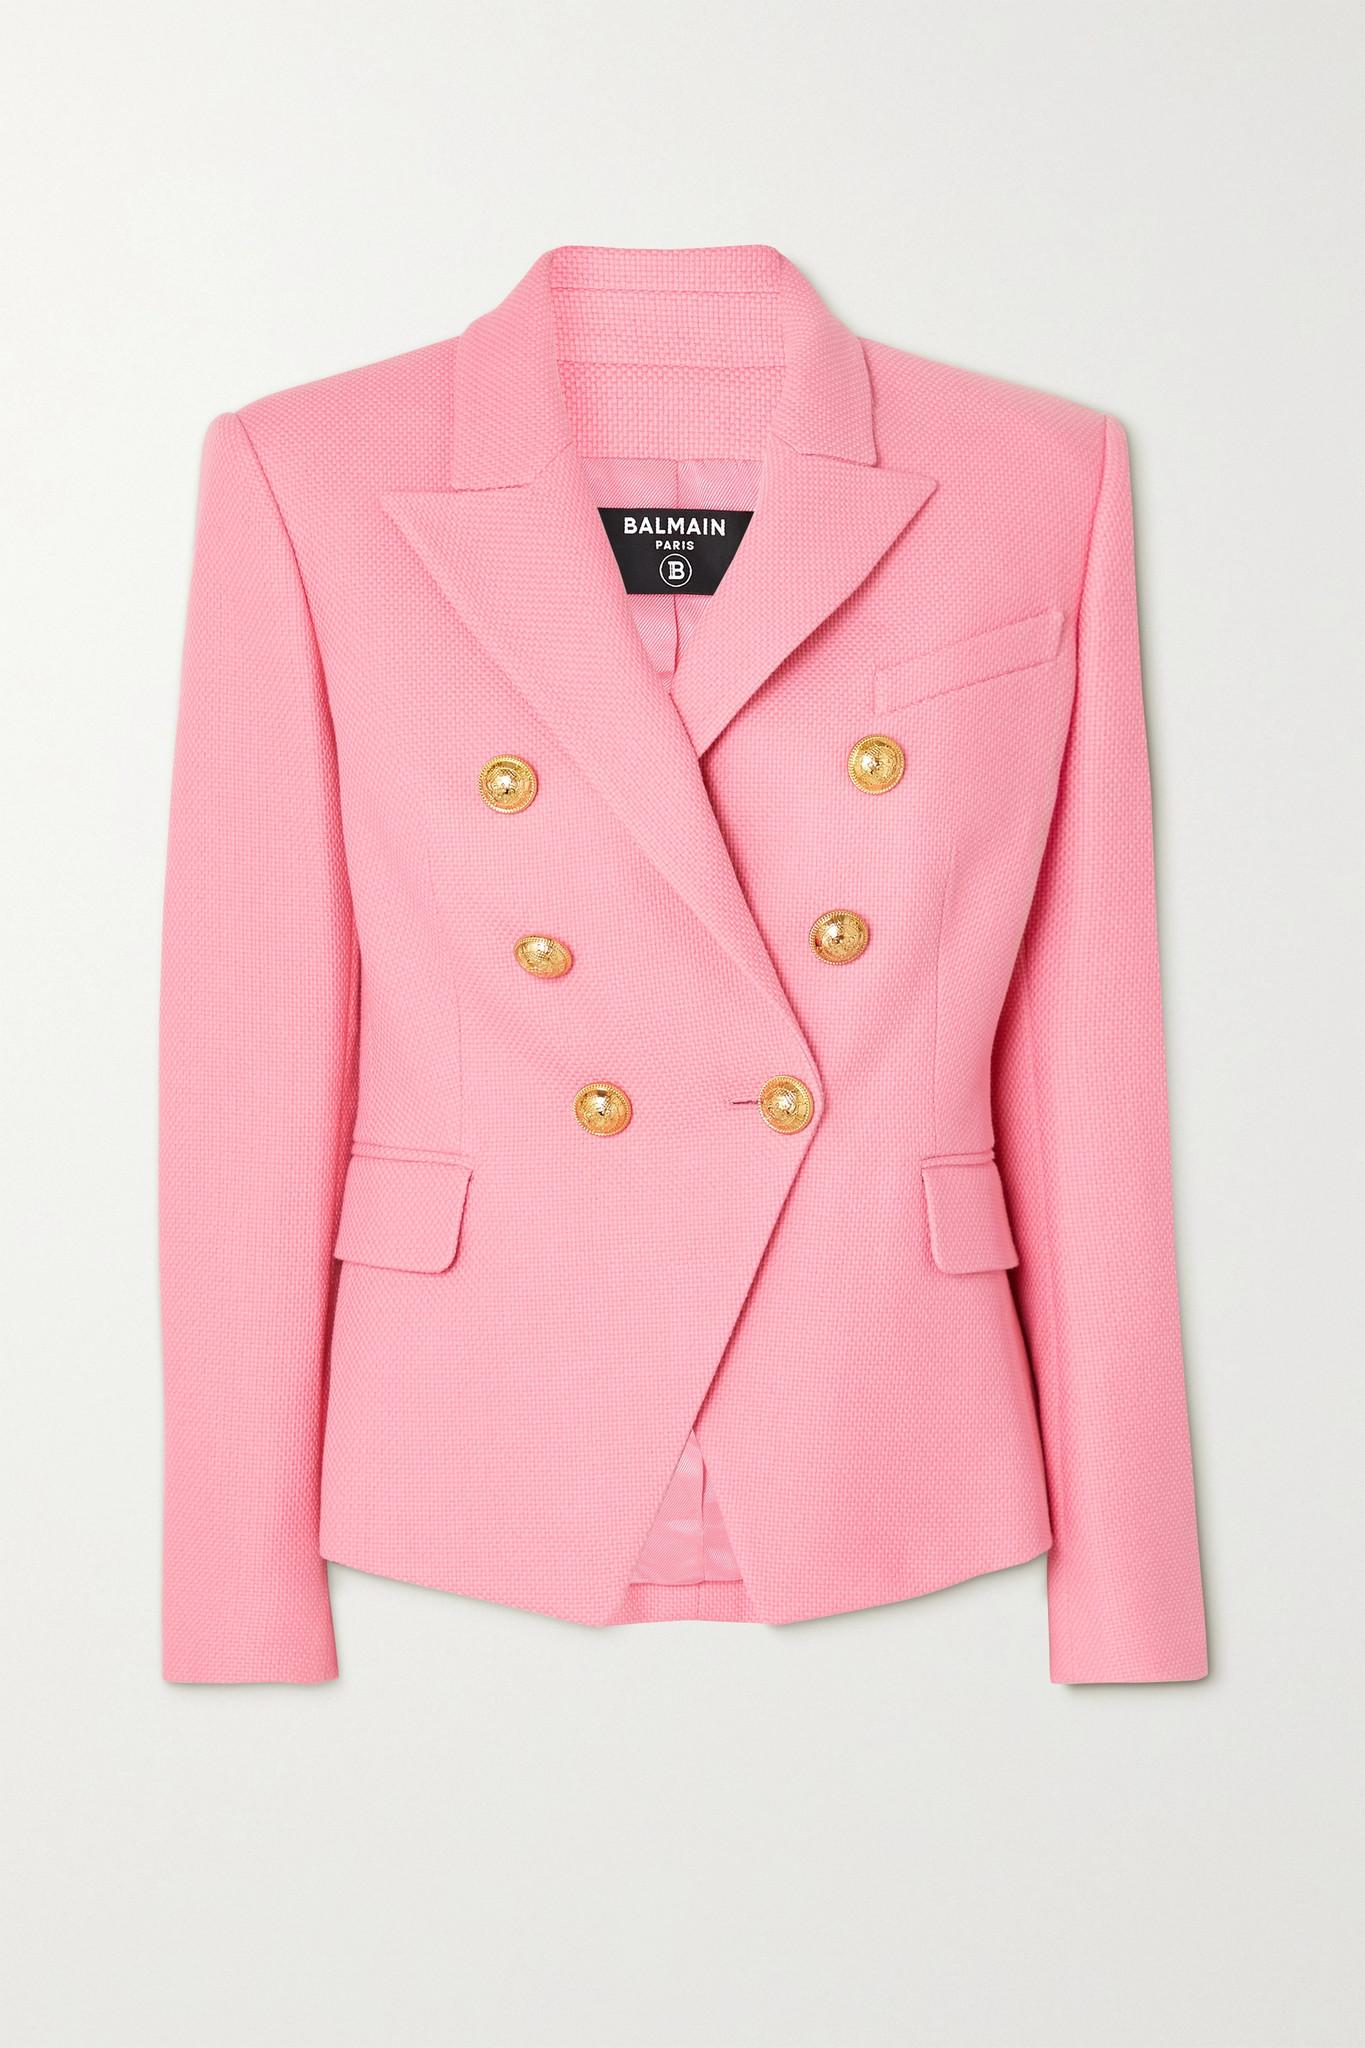 BALMAIN - Double-breasted Cotton-piqué Blazer - Pink - FR44